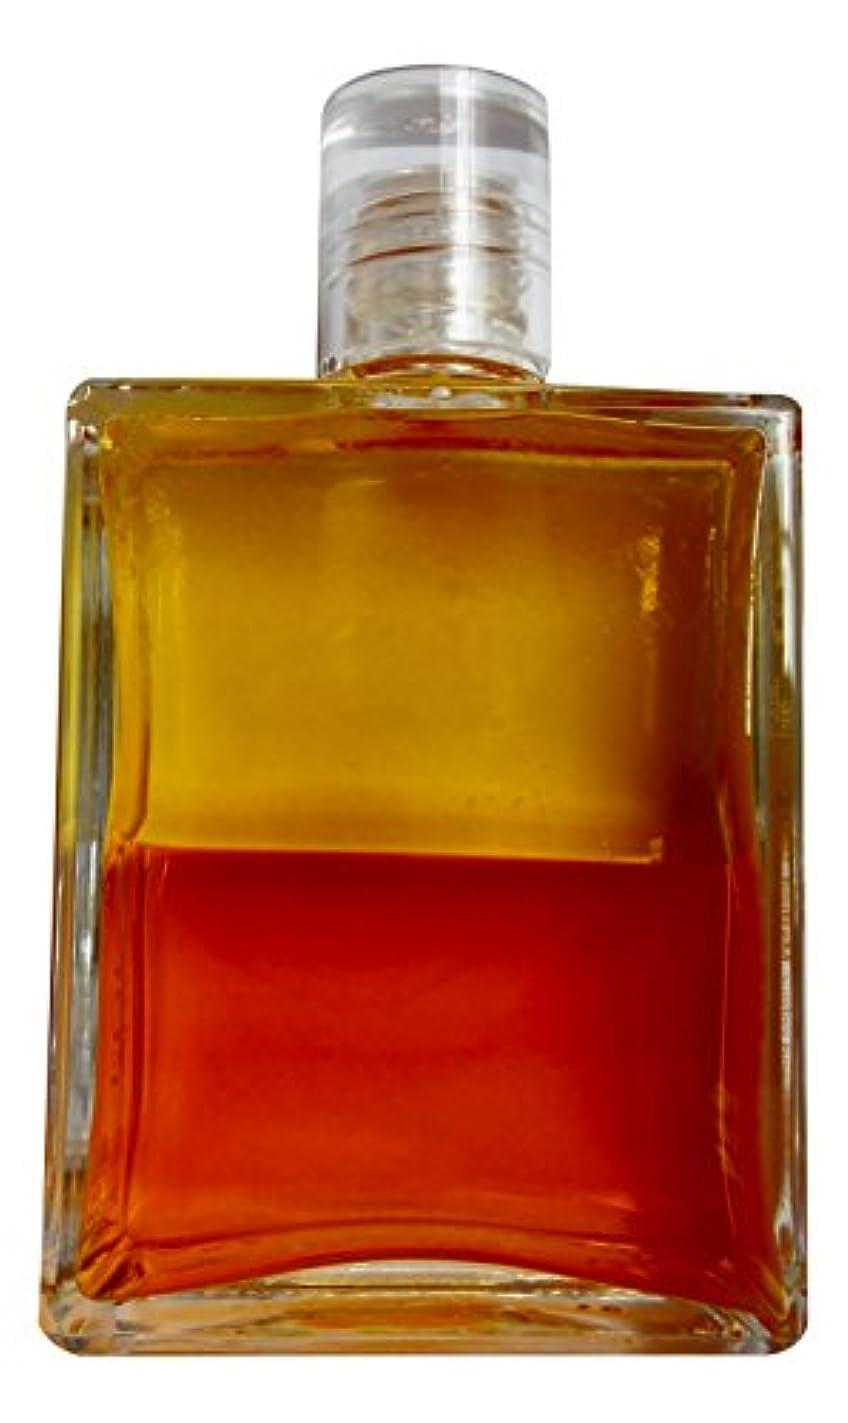 ちょっと待って敬の念検索B41叡智のボトル/エルドラド(黄金郷) オーラーソーマ イクイリブリアムボトル